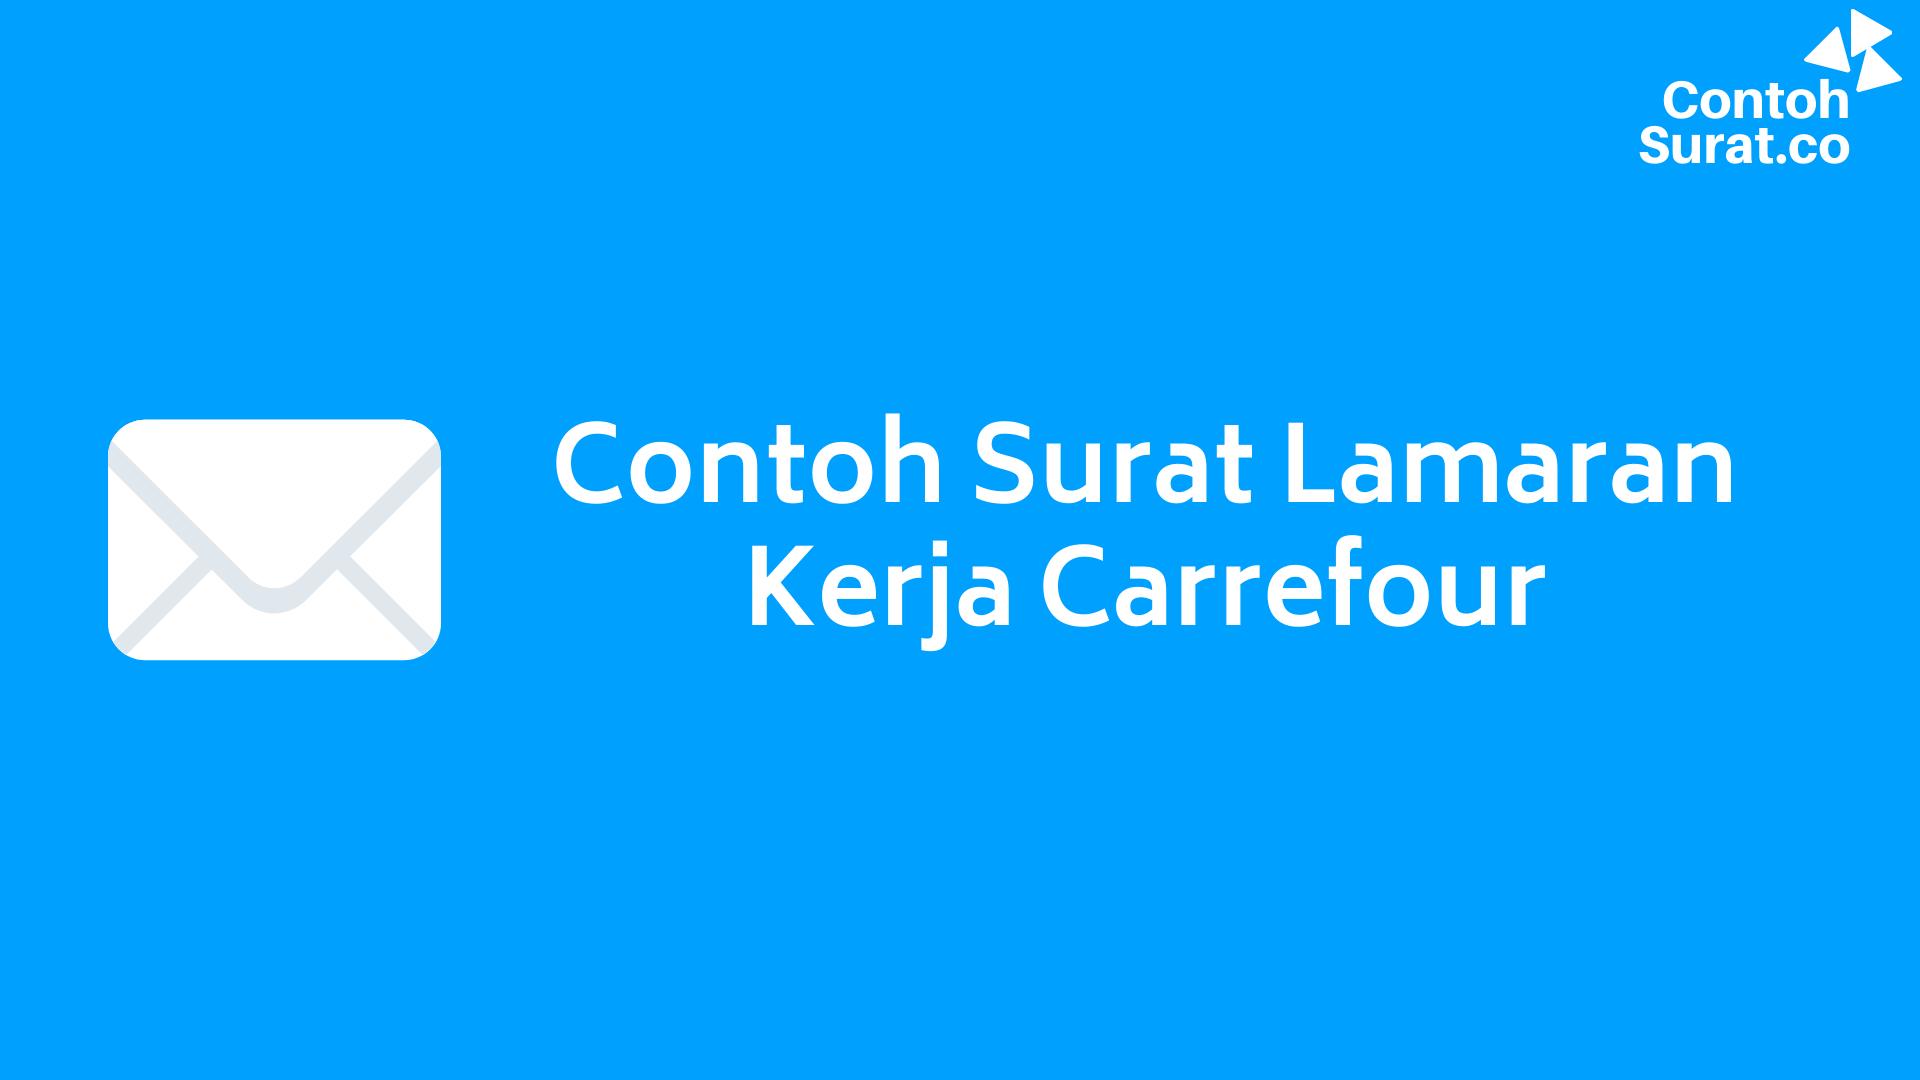 Contoh Surat Lamaran Kerja Carrefour